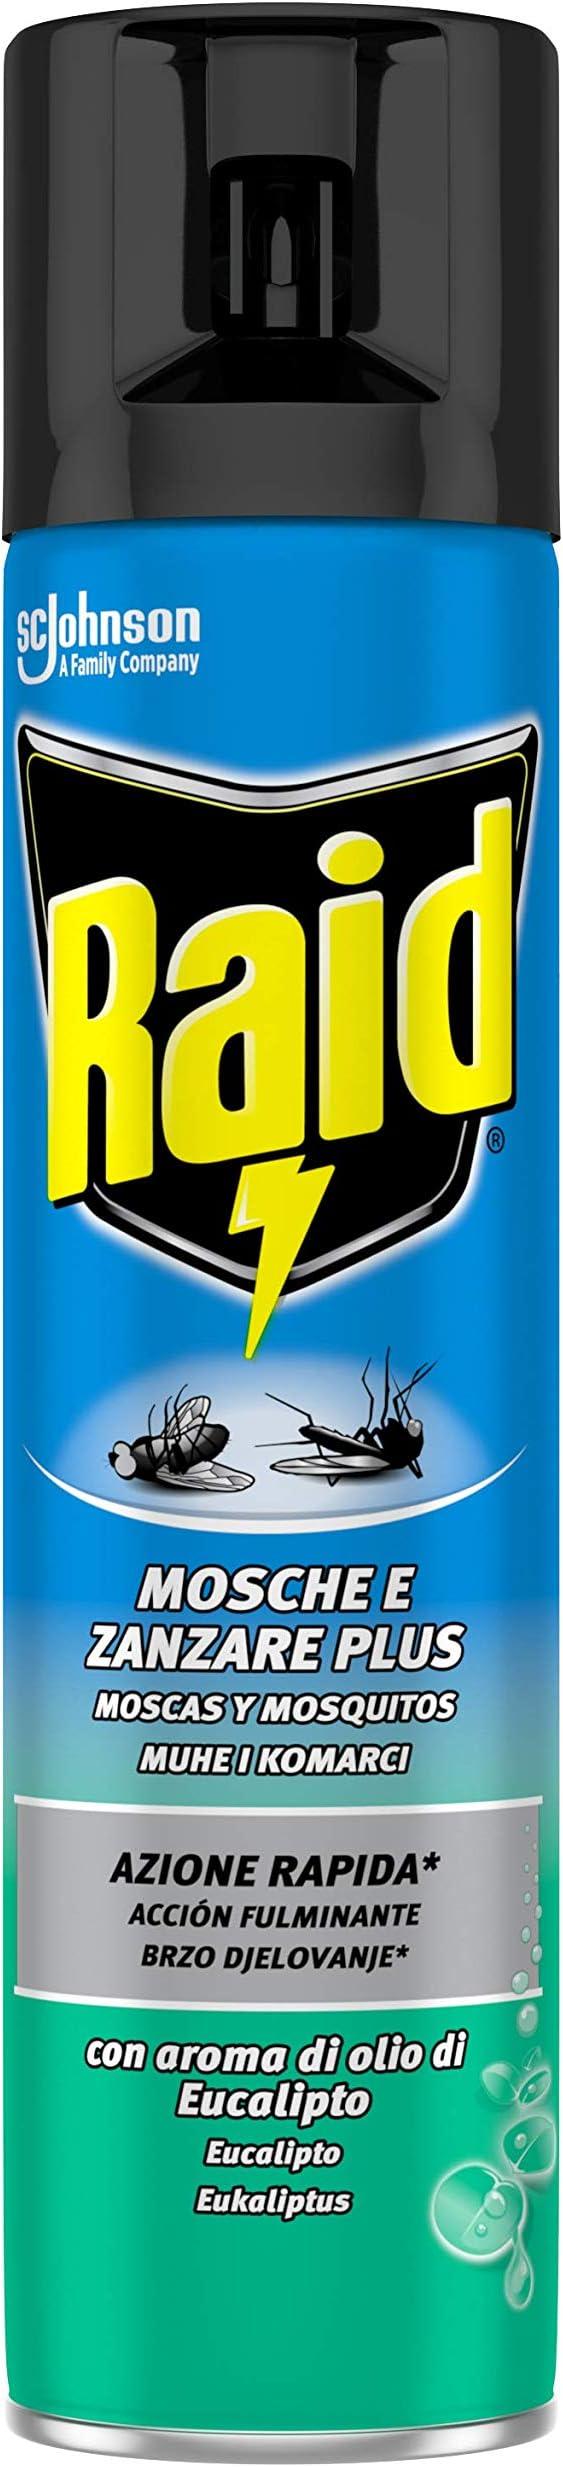 472 opinioni per Raid Spray Mosche e Zanzare Plus Eucalipto, 400ml